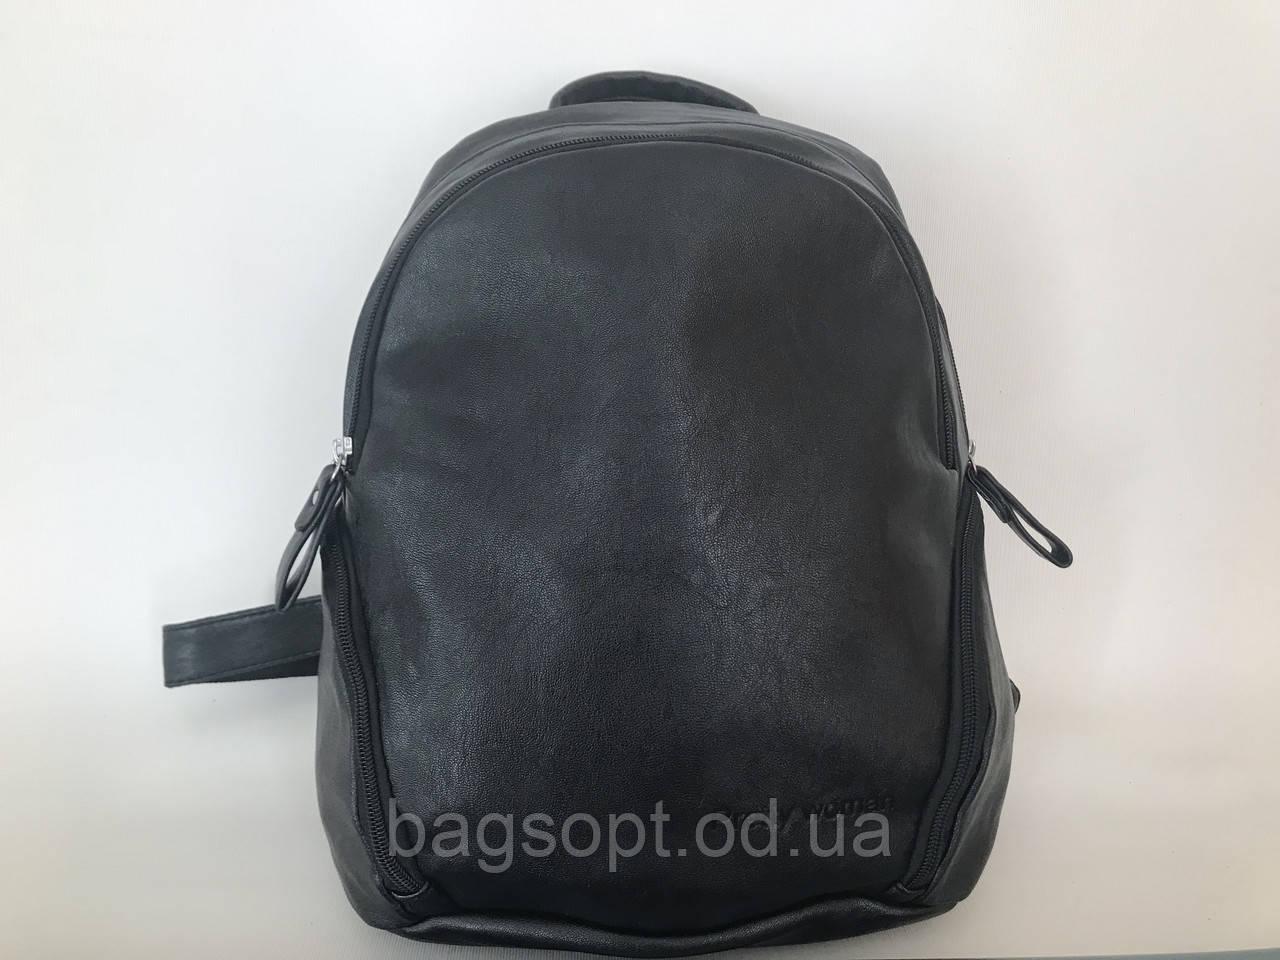 Черный рюкзак классический женский из экокожи Pretty Woman Одесса 7 км